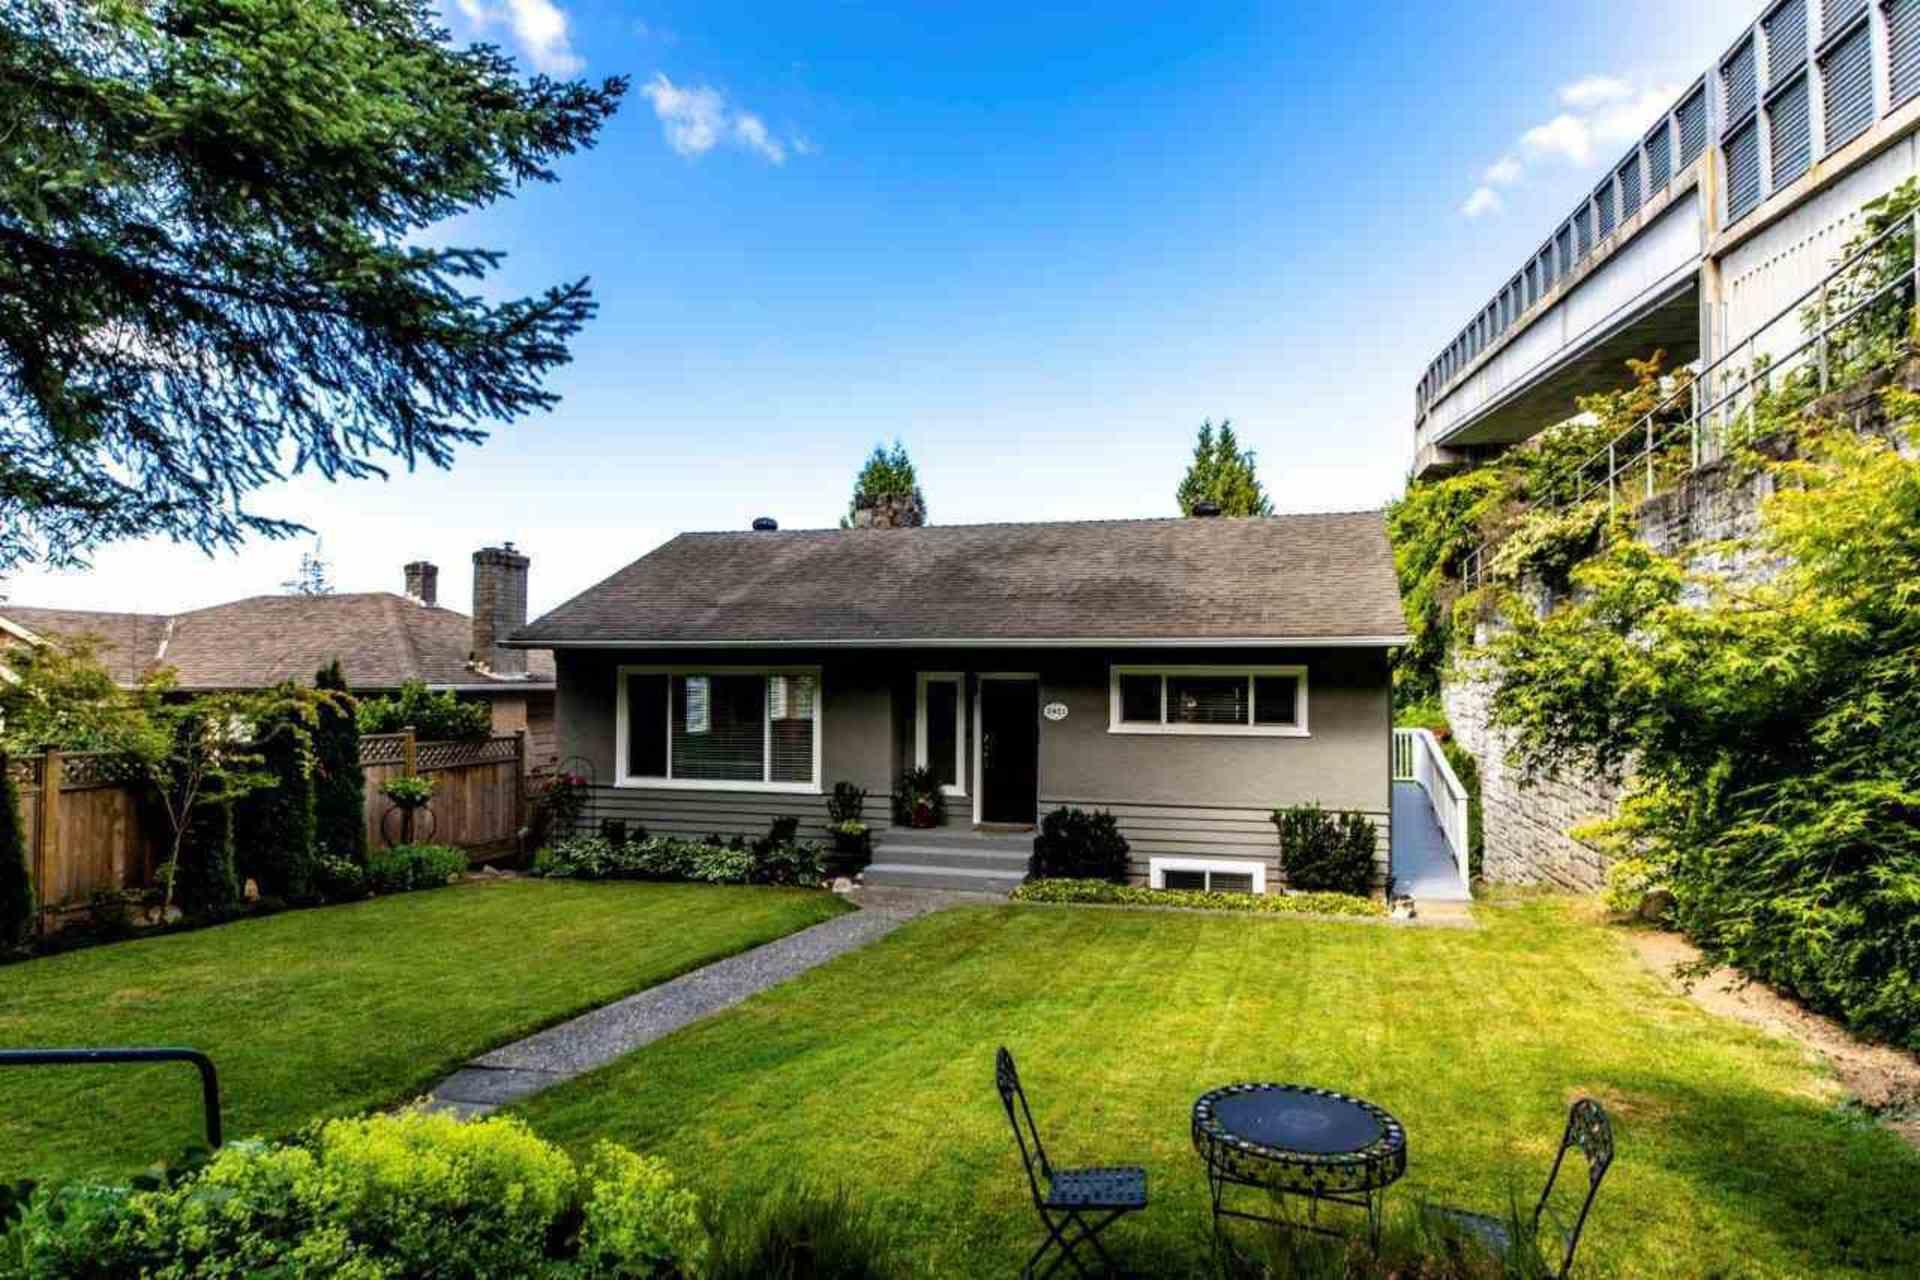 2421-jones-avenue-central-lonsdale-north-vancouver-01 at 2421 Jones Avenue, Central Lonsdale, North Vancouver